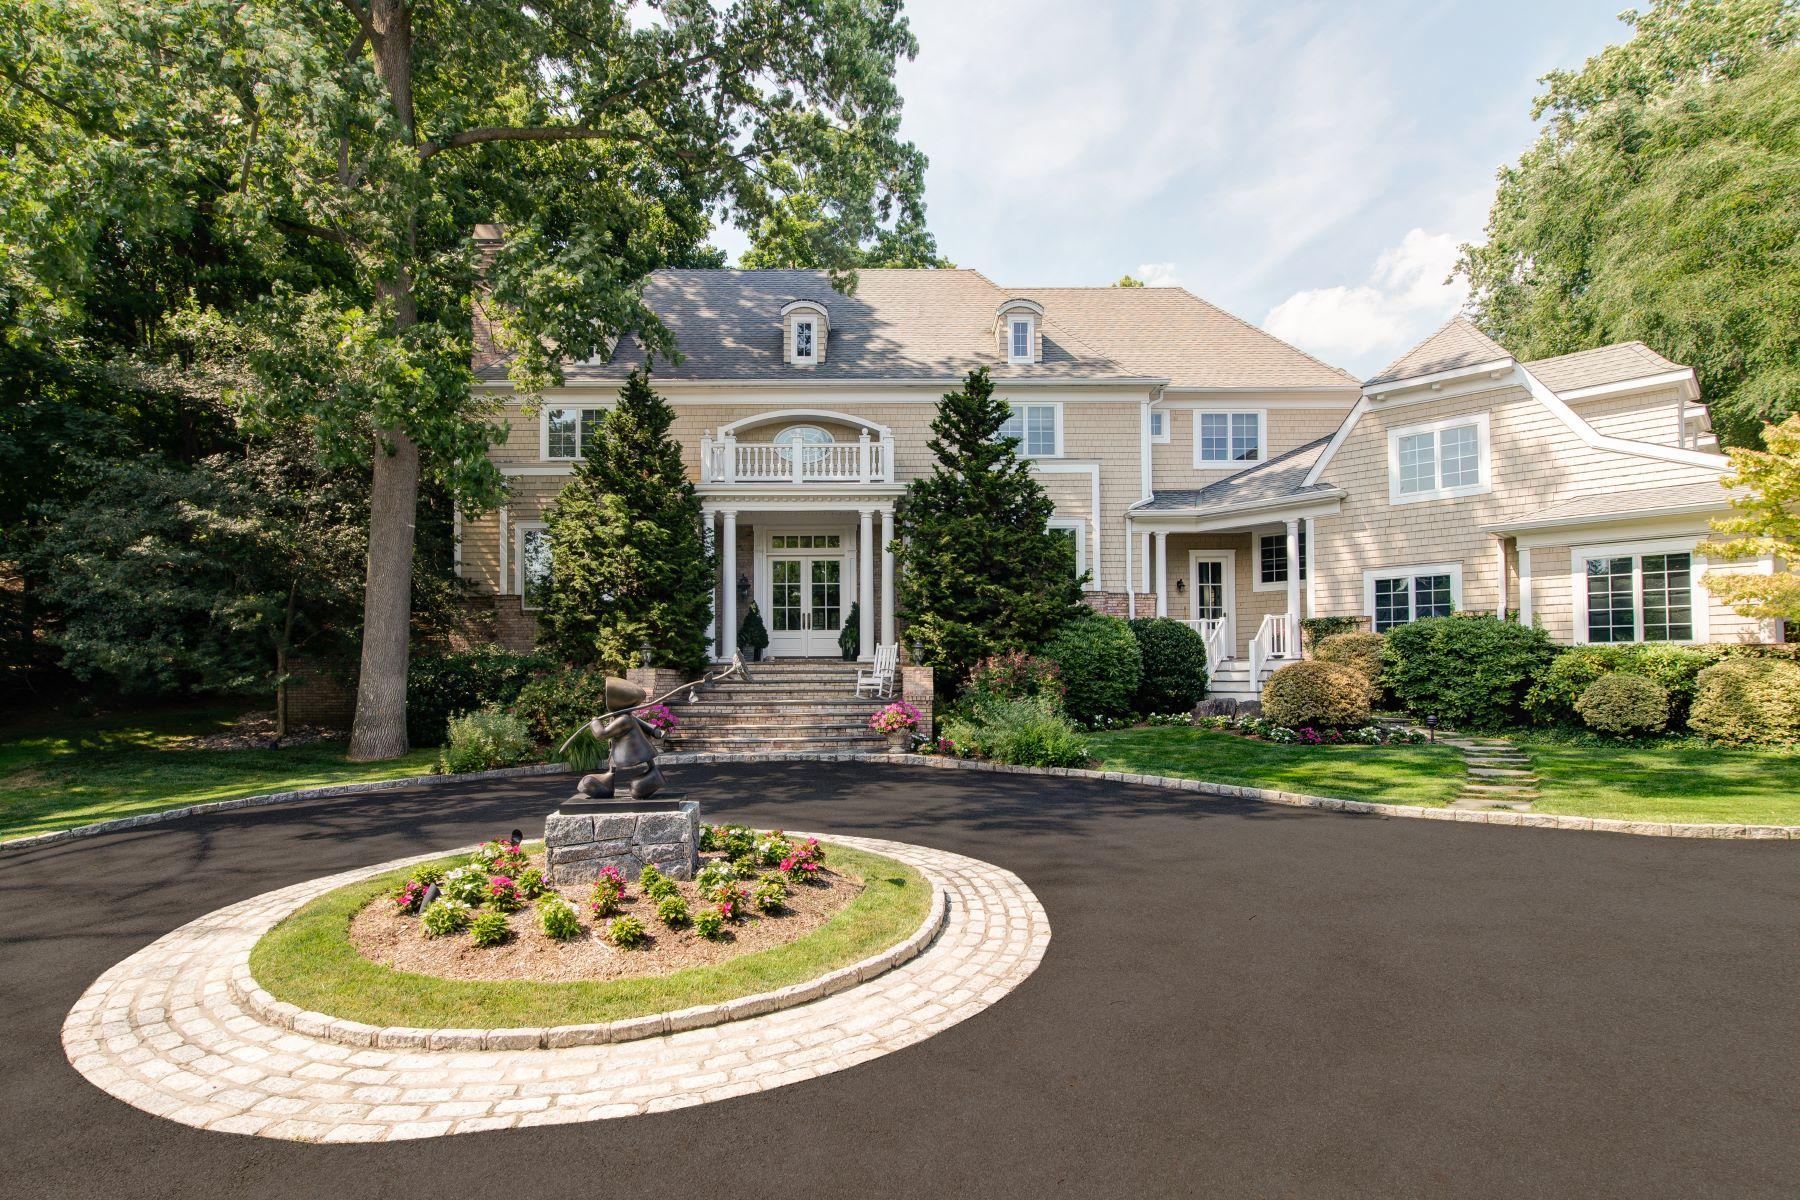 Частный односемейный дом для того Продажа на 8 Puritan Woods Road Rye, Нью-Йорк, 10580 Соединенные Штаты